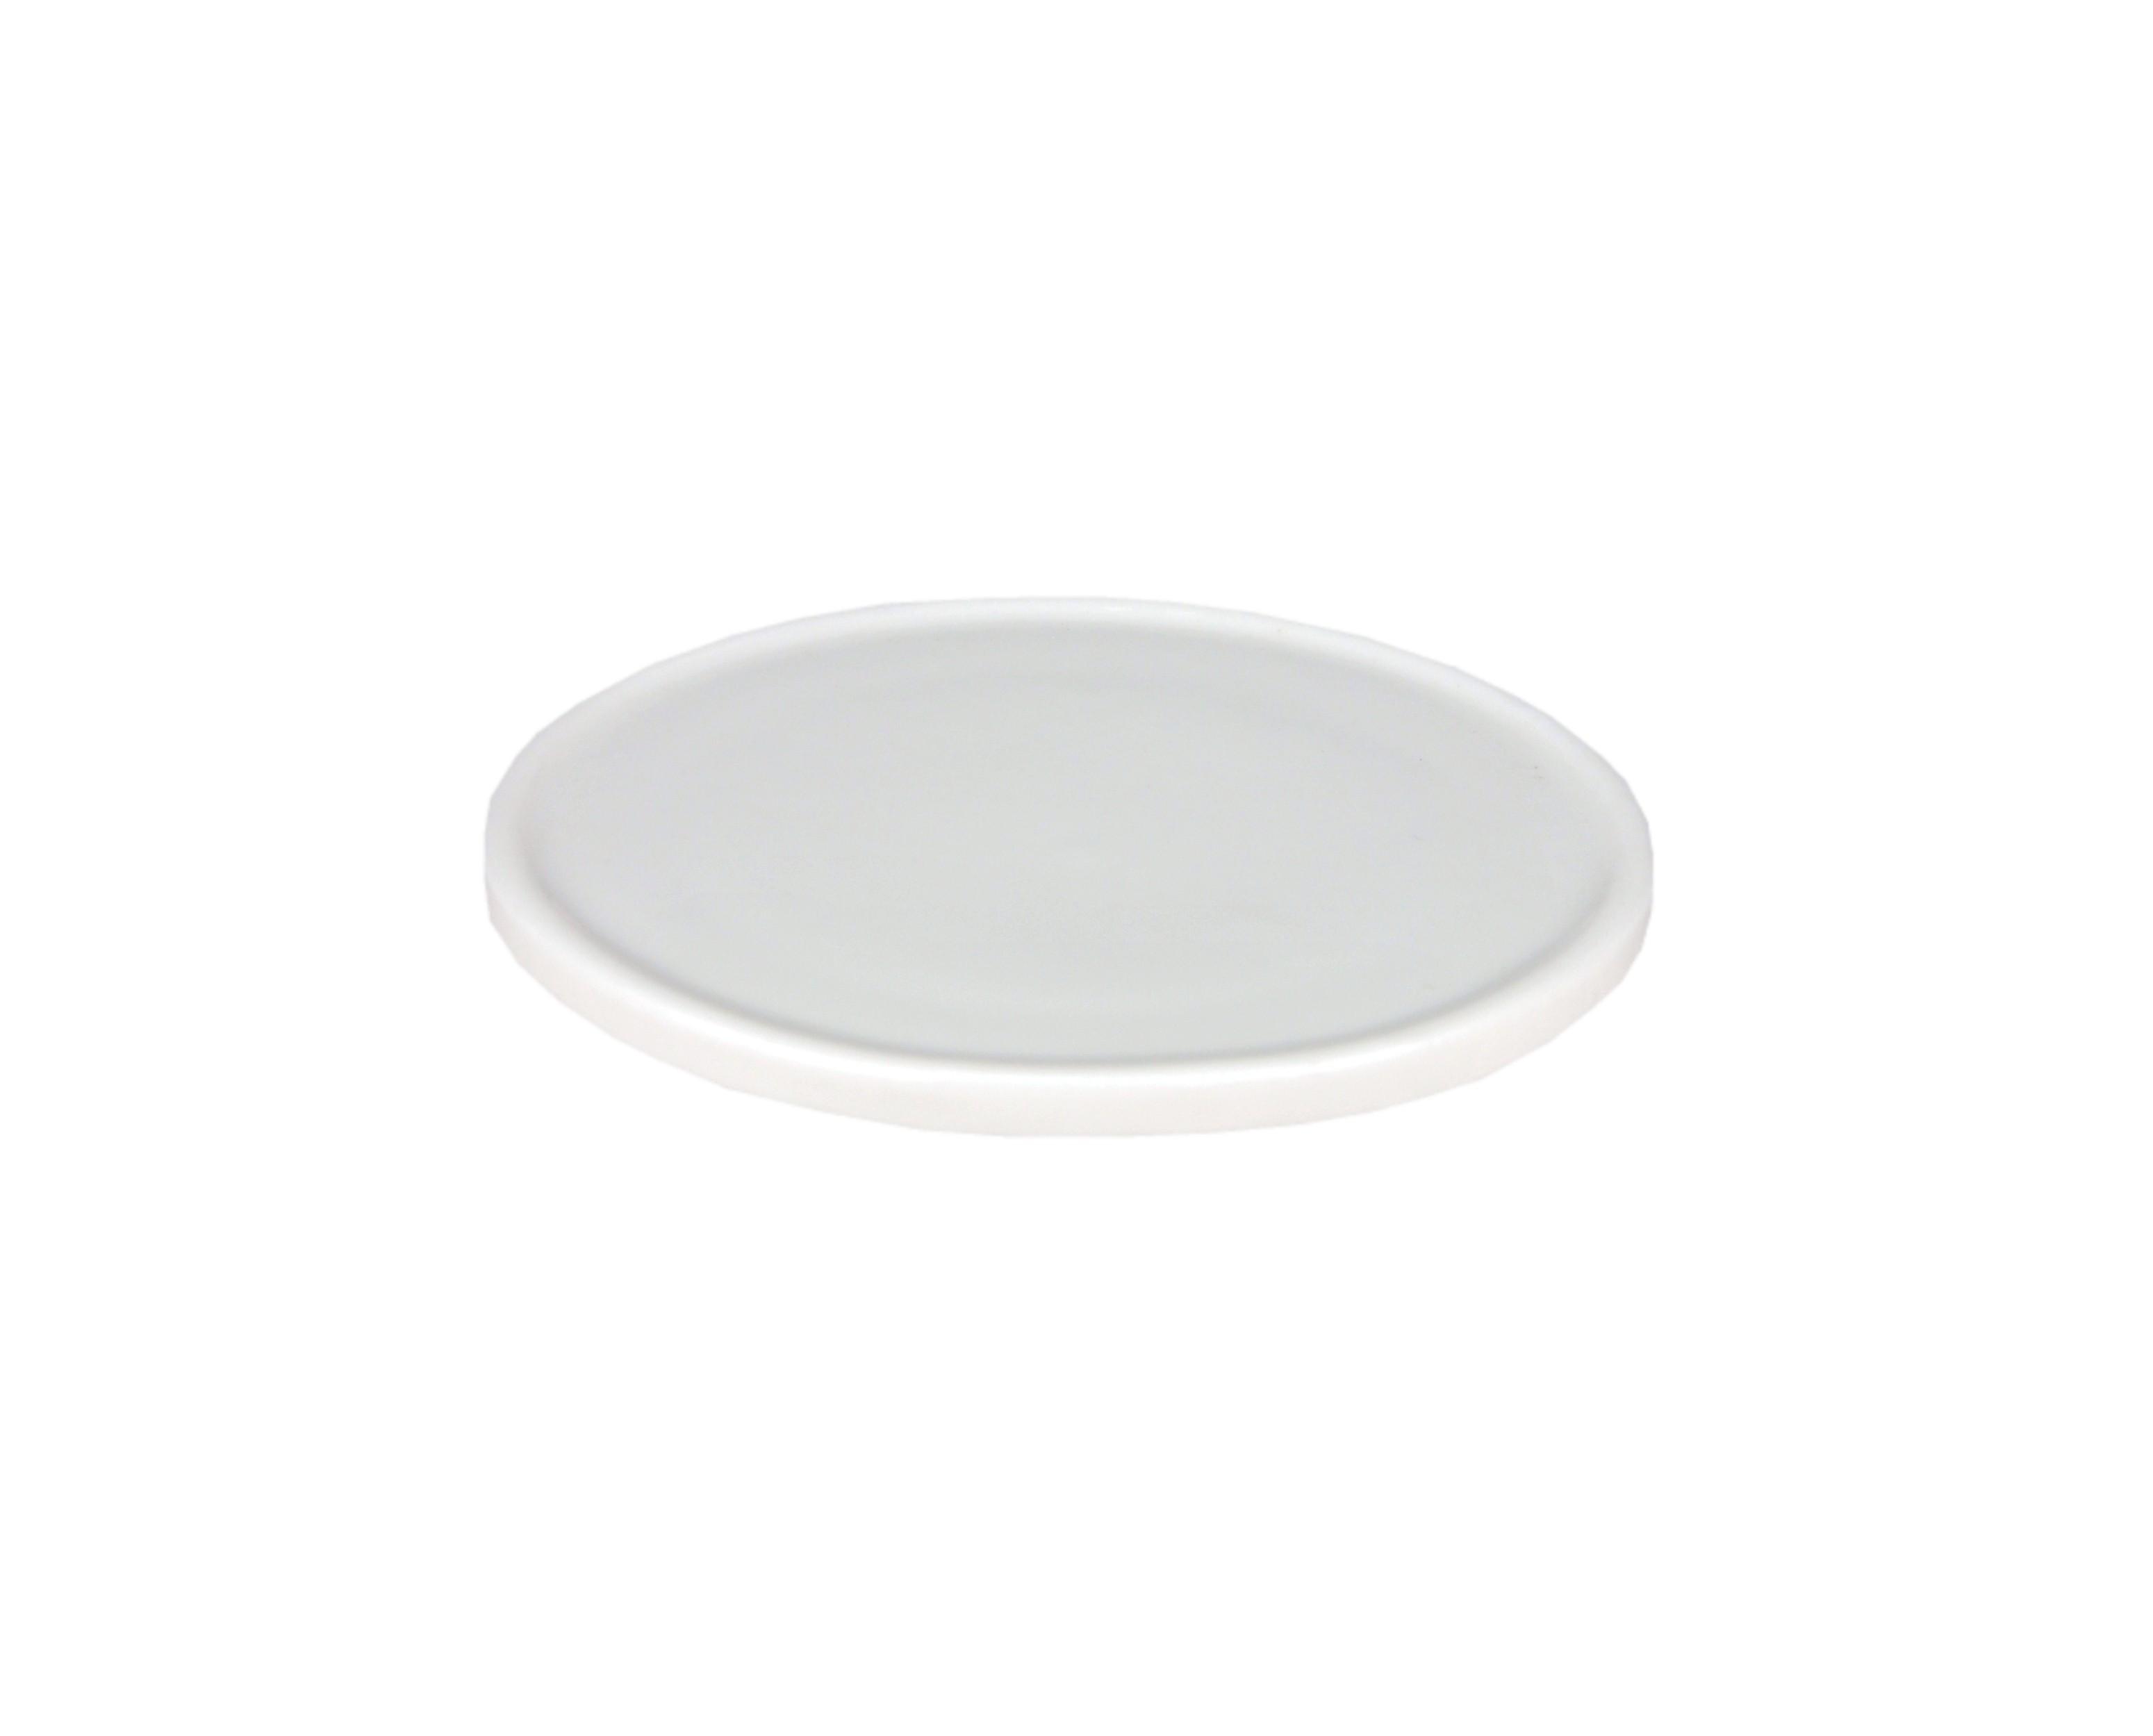 momenti teetasse mit sieb und deckel p002802351 porzellan tassen und becher. Black Bedroom Furniture Sets. Home Design Ideas